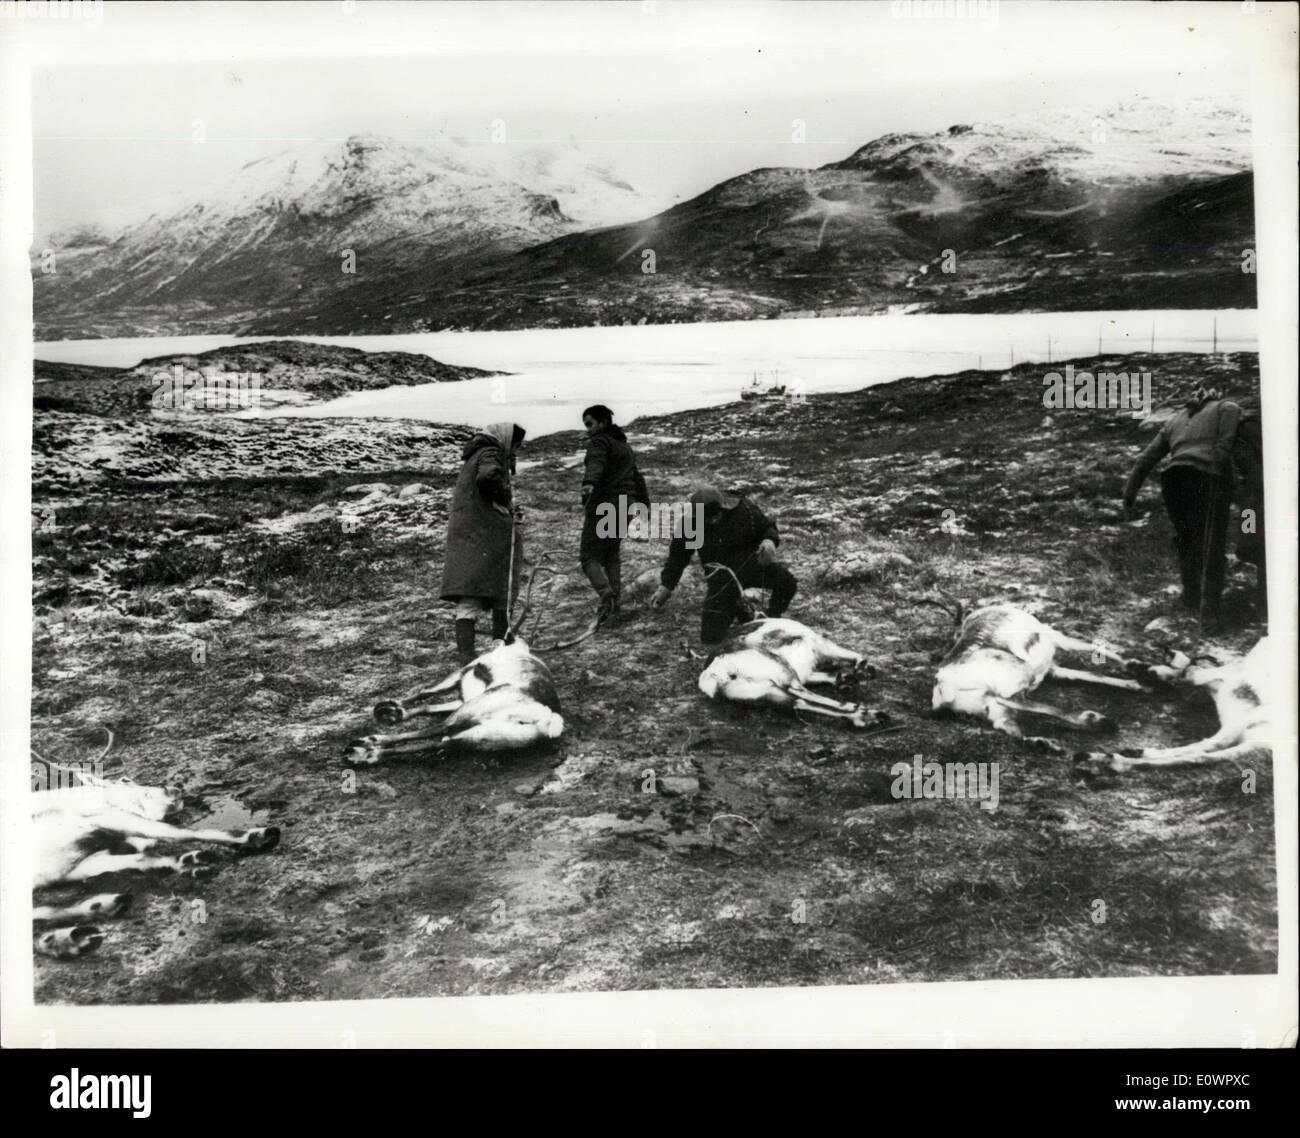 16 janvier 1964 - L'abattage des rennes au Groenland: depuis les douze dernières années, un nouveau ''industrie'' gaz été pionnier dans le Groenland, basé sur l'importation de Norweign renne, qui sont reproduites avec succès pour que les troupeaux maintenant au nombre de plusieurs milliers d'animaux qui sont utilisés pour leur viande. Les jeunes bergers qui sont utilisés pour leur viande Photo Stock